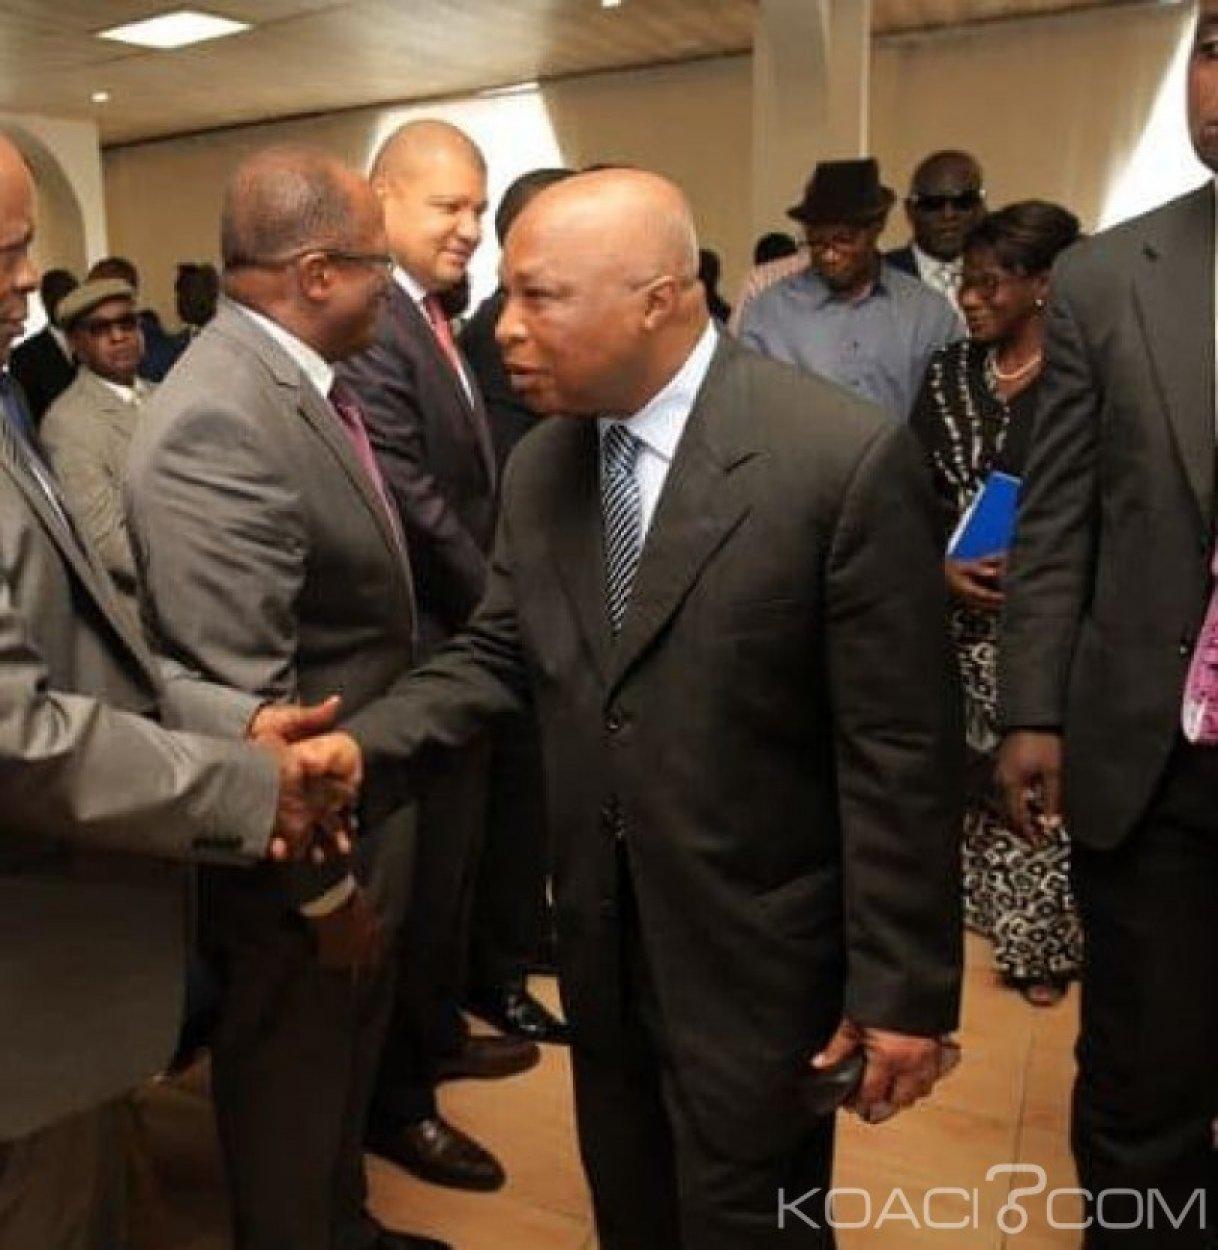 Côte d'Ivoire : Le parti de Gbagbo révèle que la dette du pays est estimée à  15 781 milliards de  F CFA pour la fin de l'année 2019